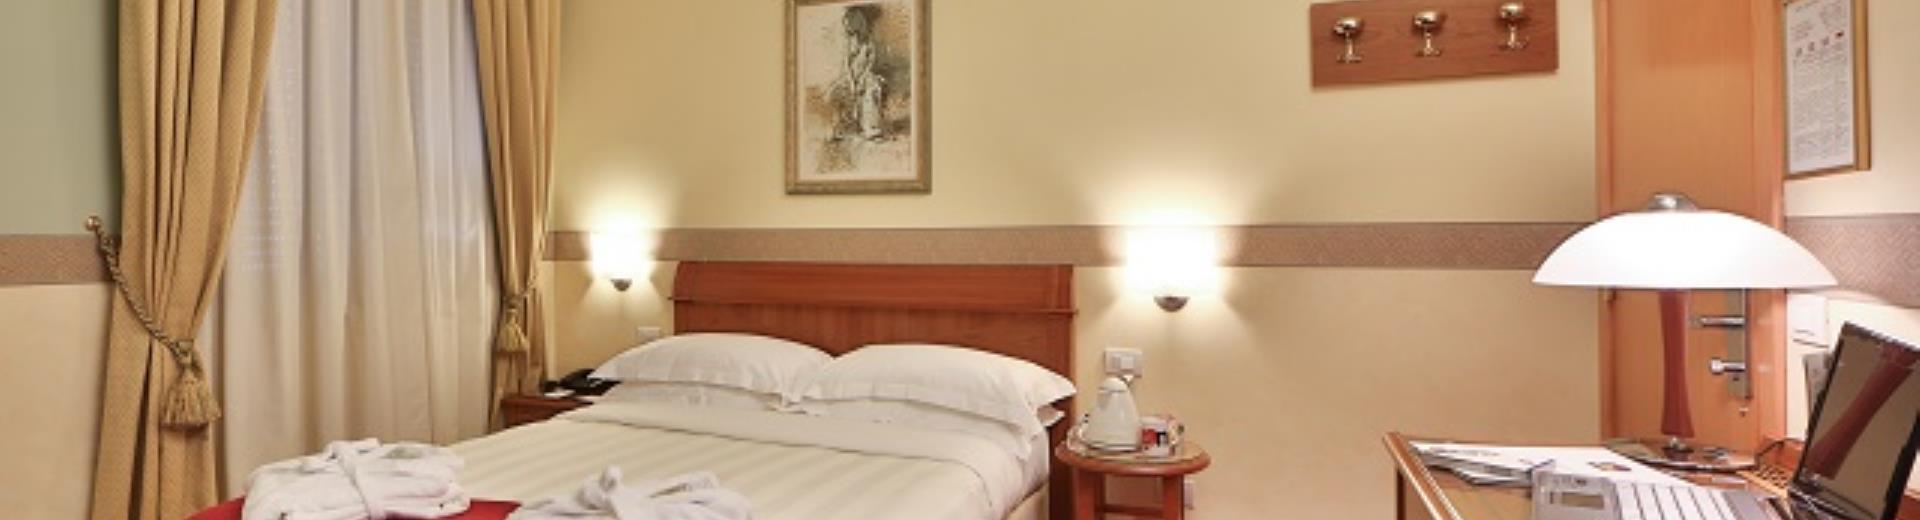 BW Hotel Major - Sito ufficiale - Prenota il tuo soggiorno in centro ...